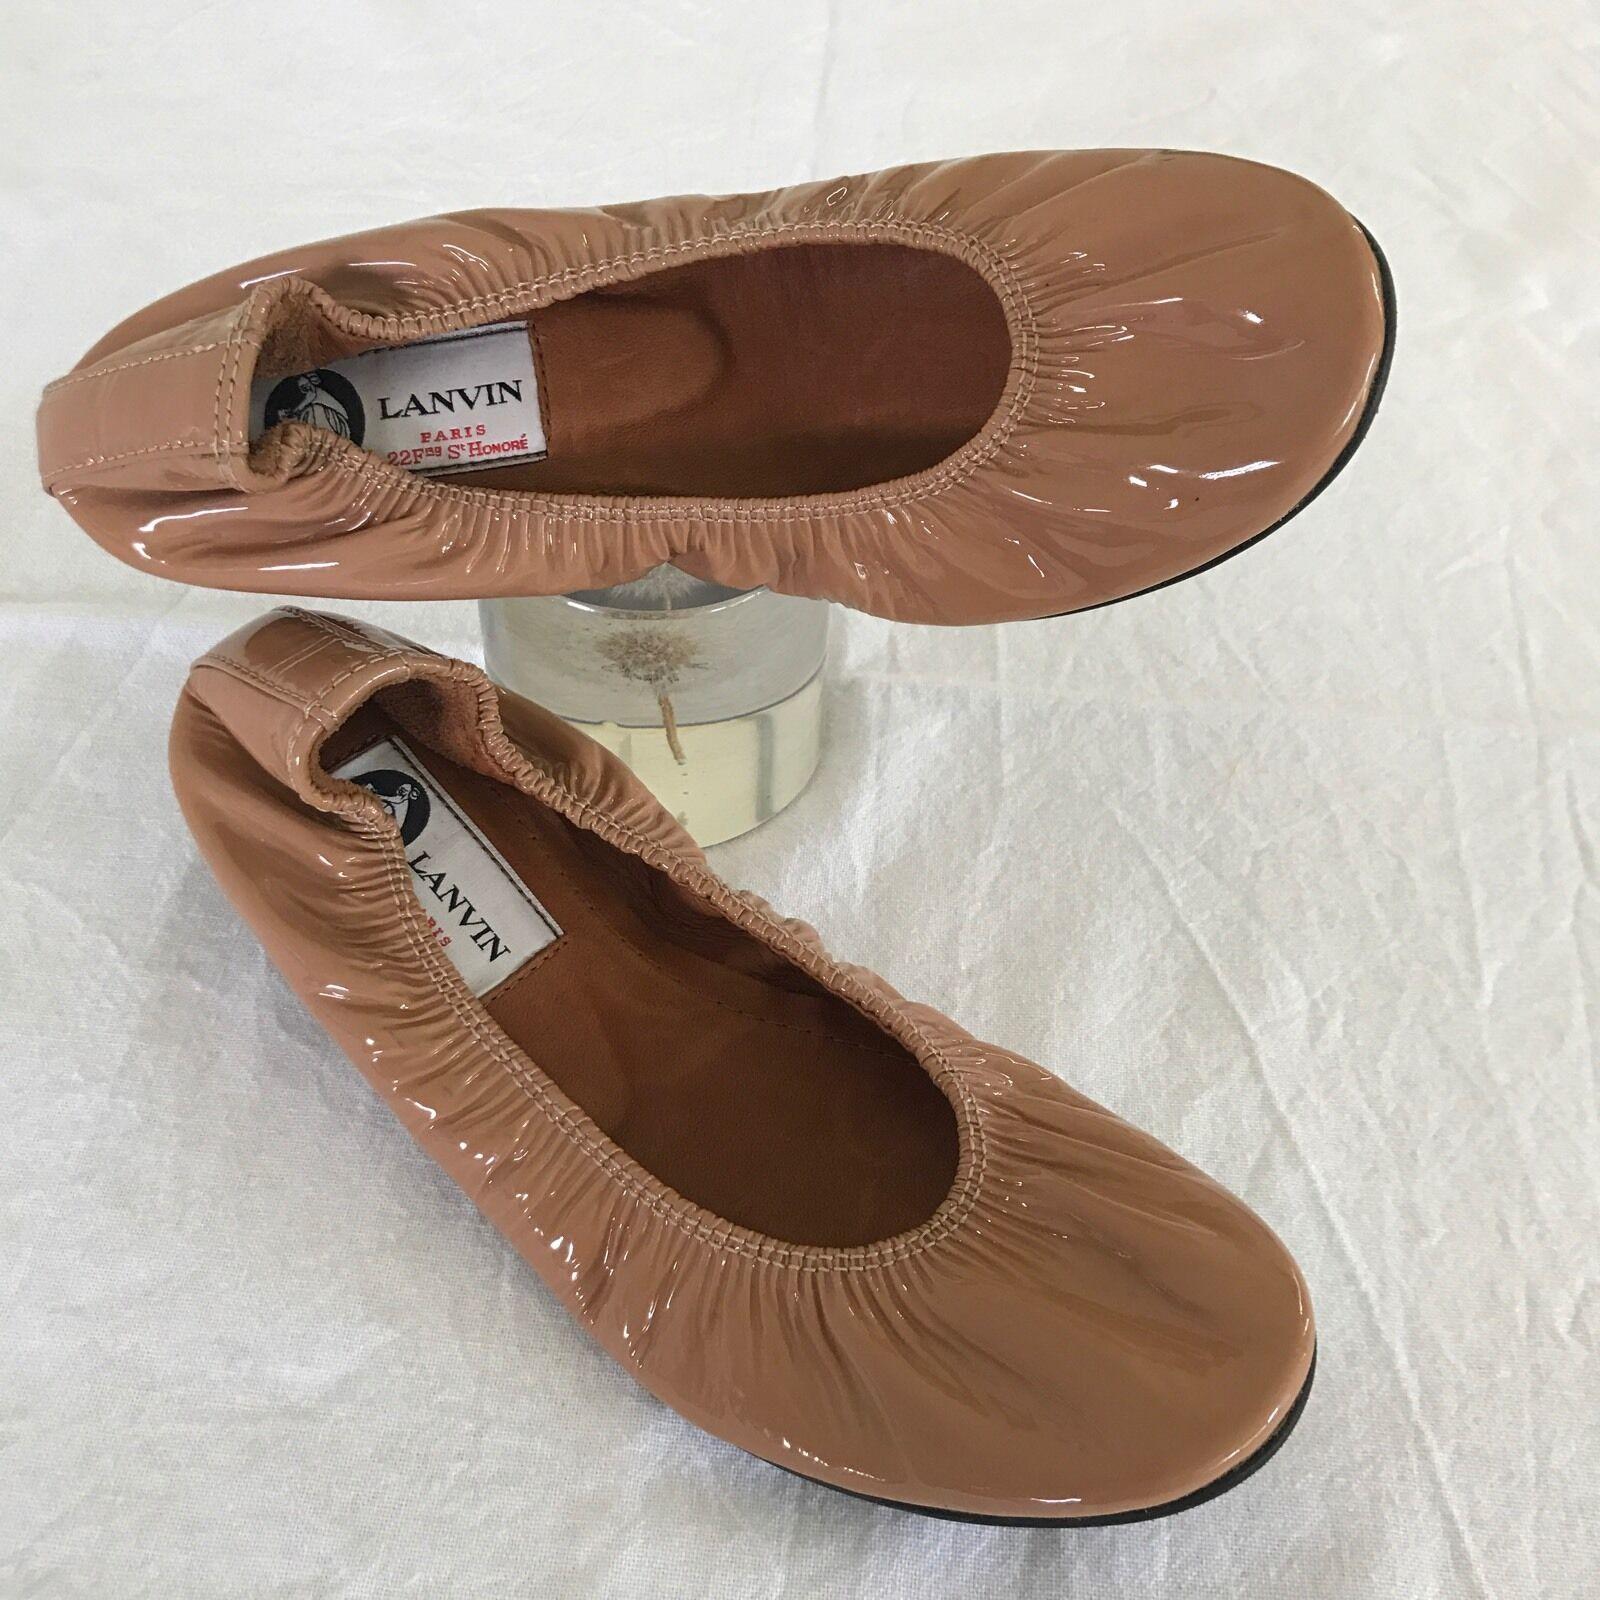 NWOB  LANVIN LANVIN LANVIN classic BALLET FLATS  NUDE BEIGE Patent Leather FR 35   EU 34 b4757e